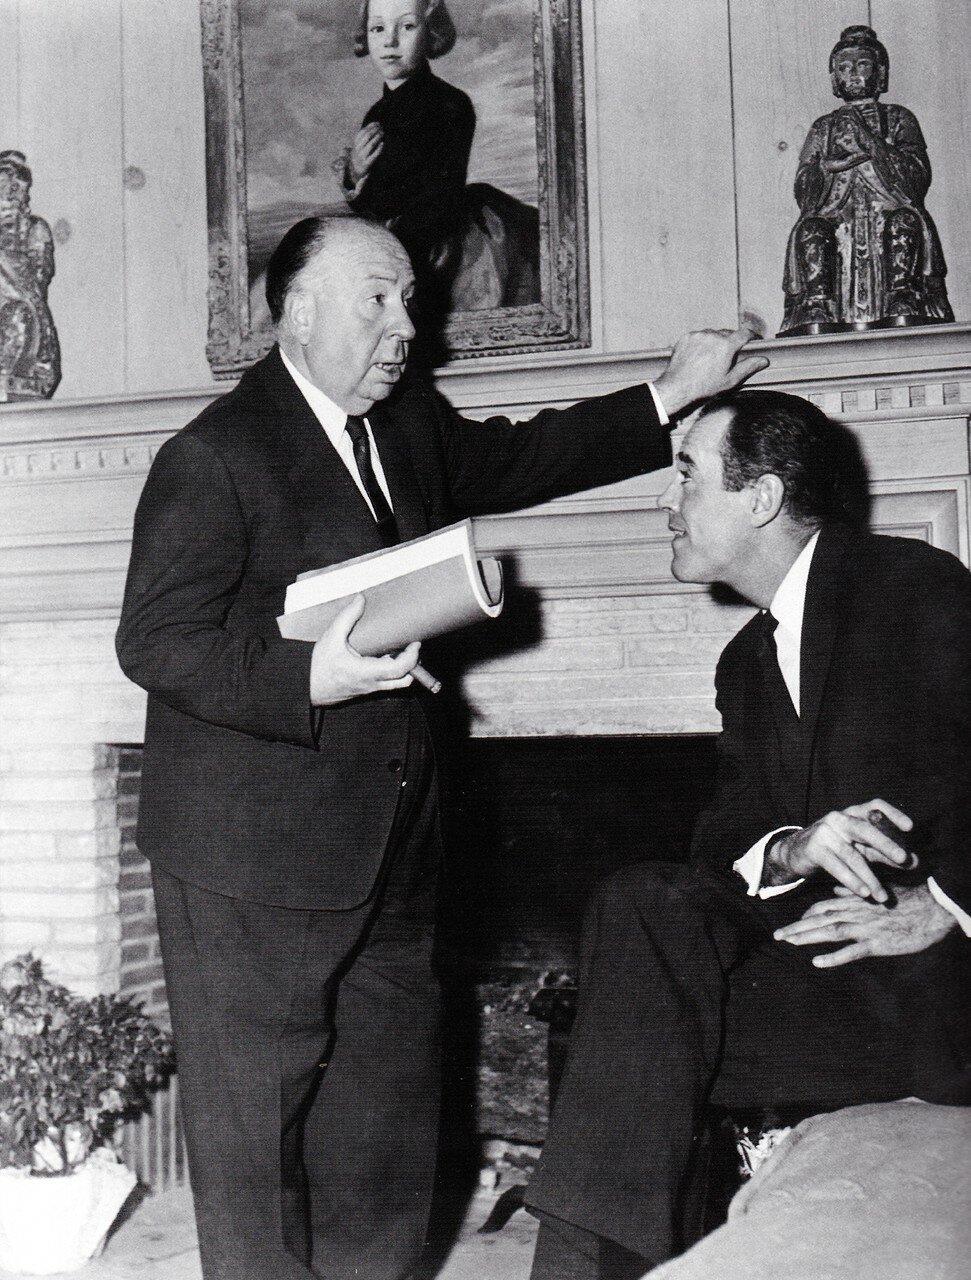 1956. Генри Фонда в гостях у Альфреда Хичкока